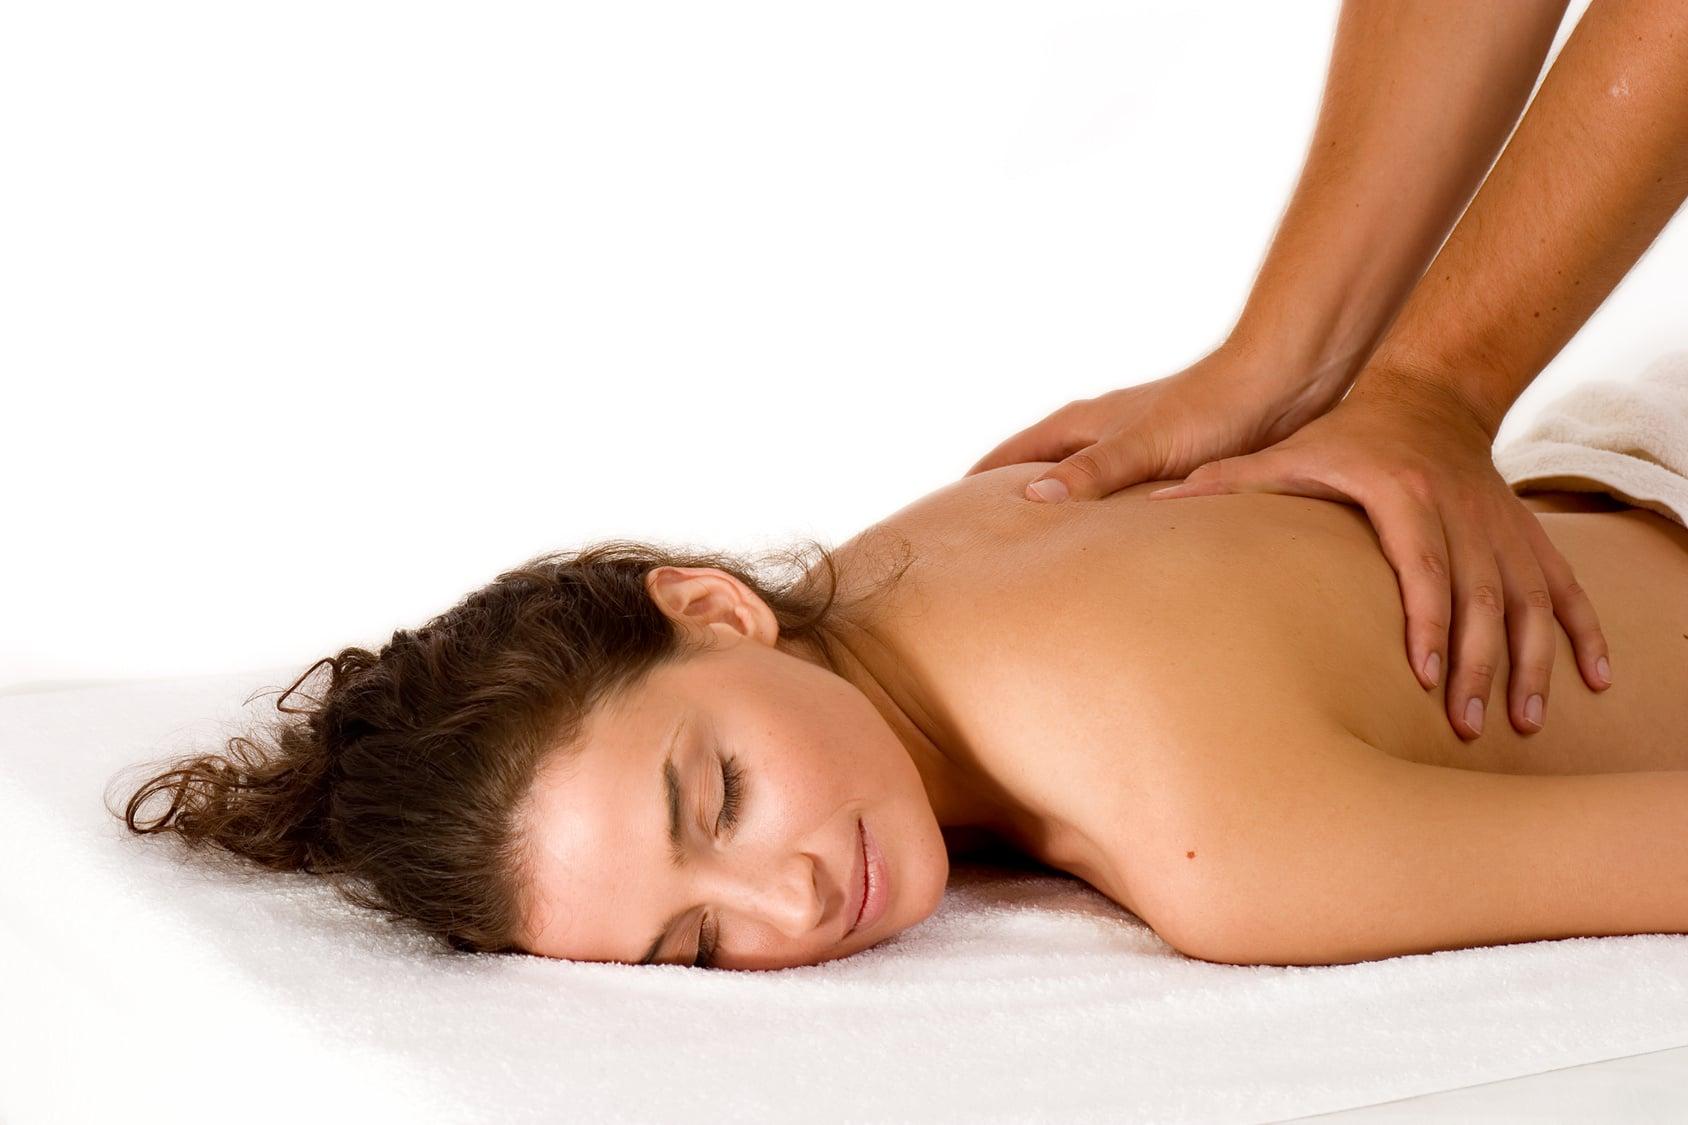 Terrasensa un salon de massage bruxelles startup caf - Salons de massage belgique ...